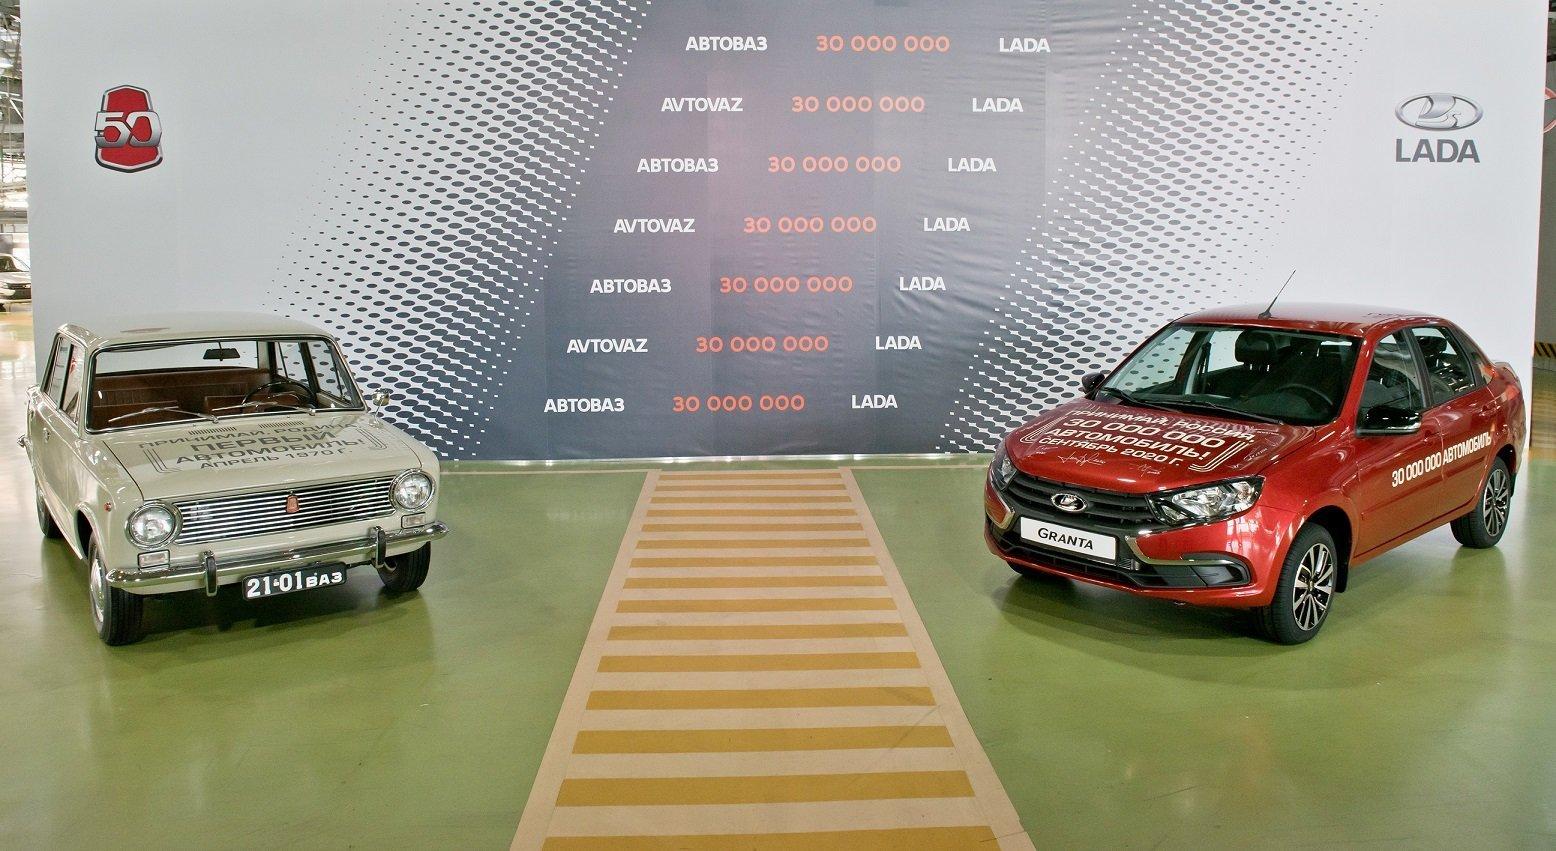 30 миллионов машин за 50 лет АВТОВАЗ отметил новое достижение